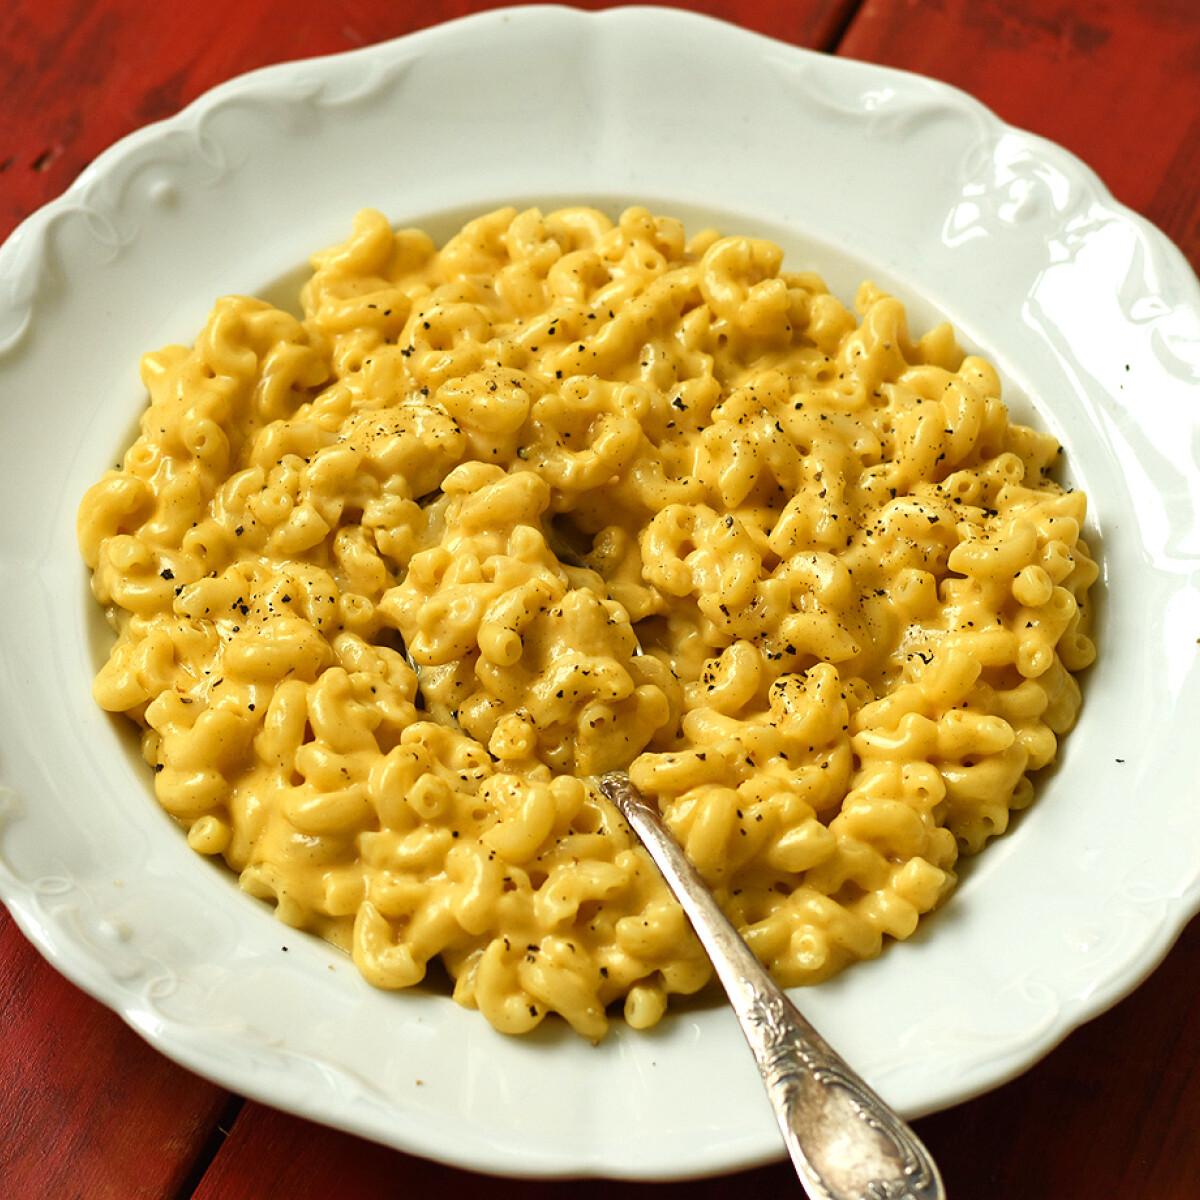 Ezen a képen: Legegyszerűbb Mac and Cheese